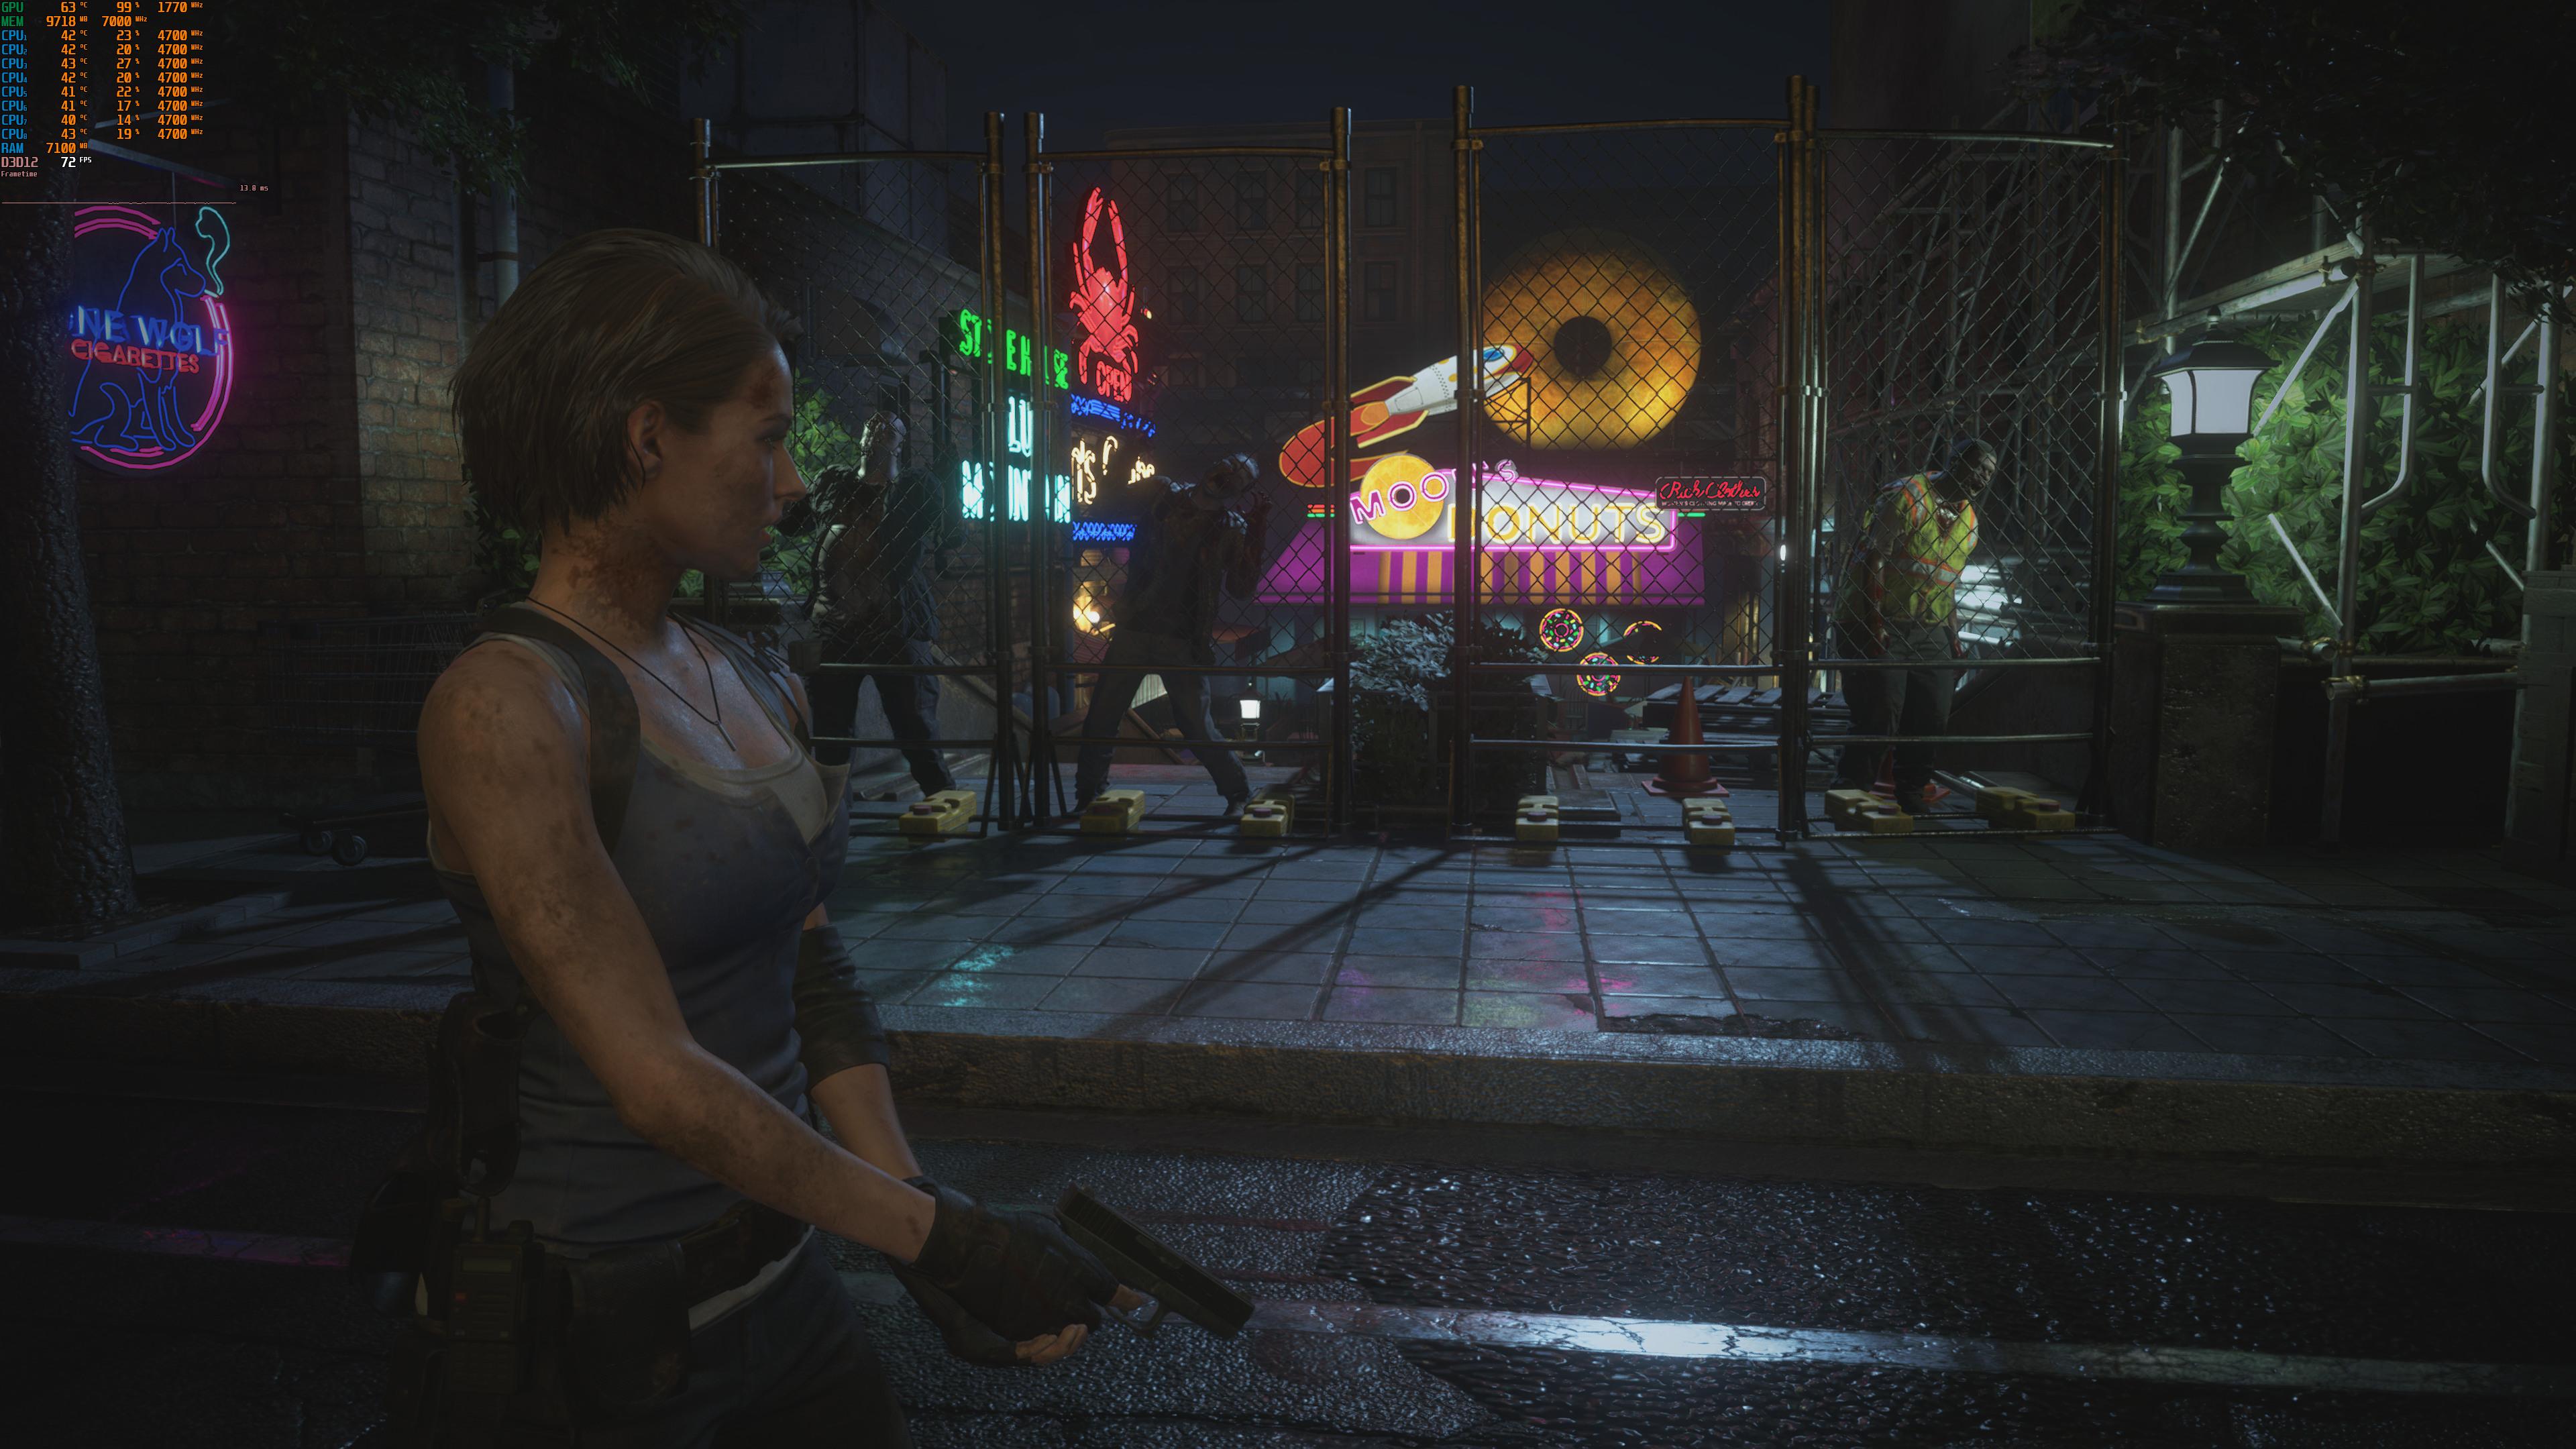 4K-скриншоты Resident Evil 3 с максимальными настройками графики